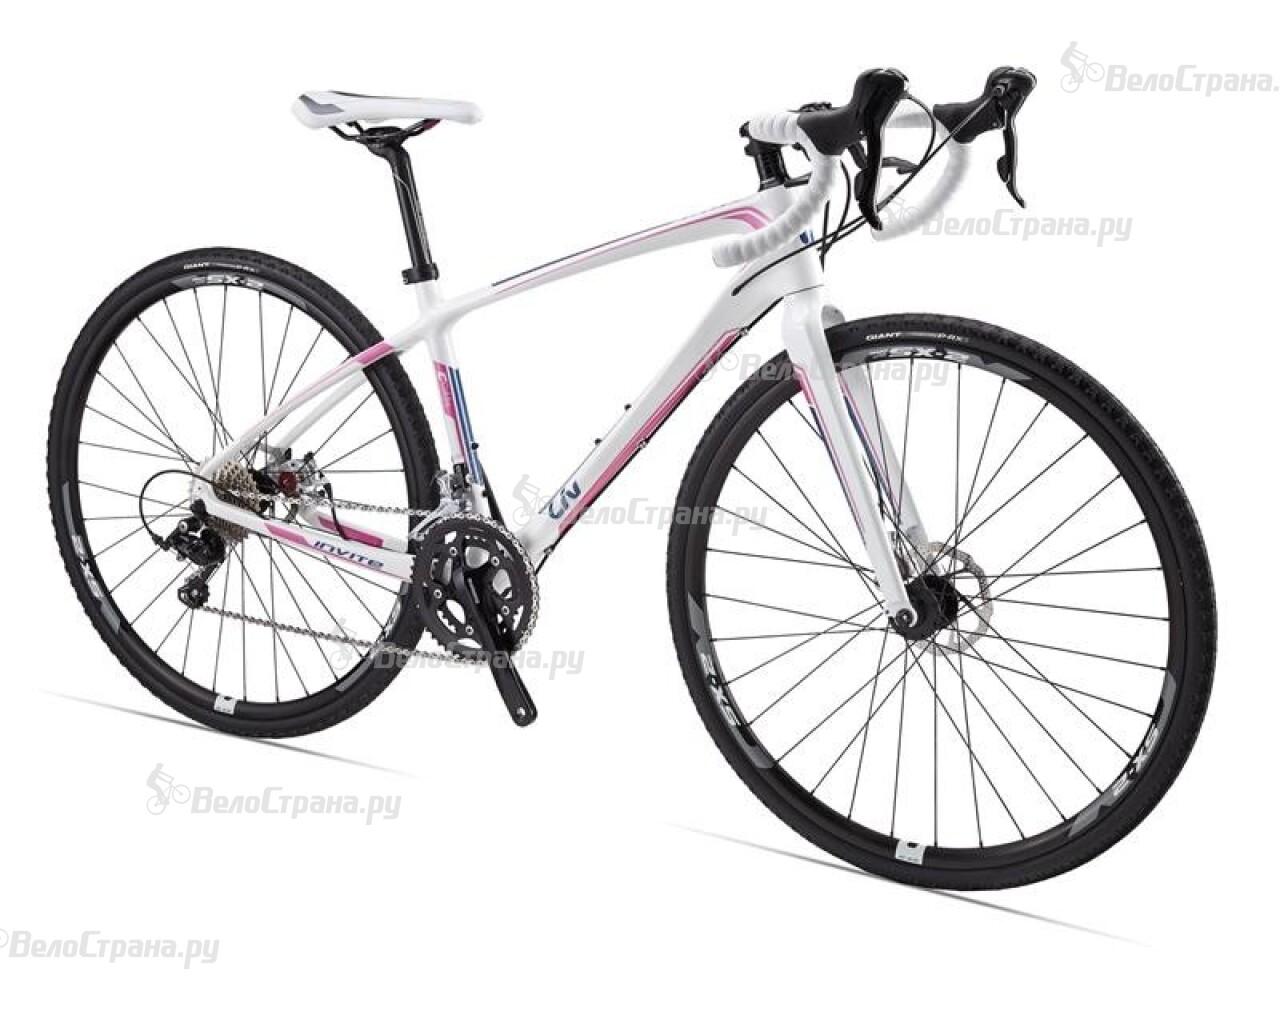 Велосипед Giant Invite CoMax (2015) 2015 csm360